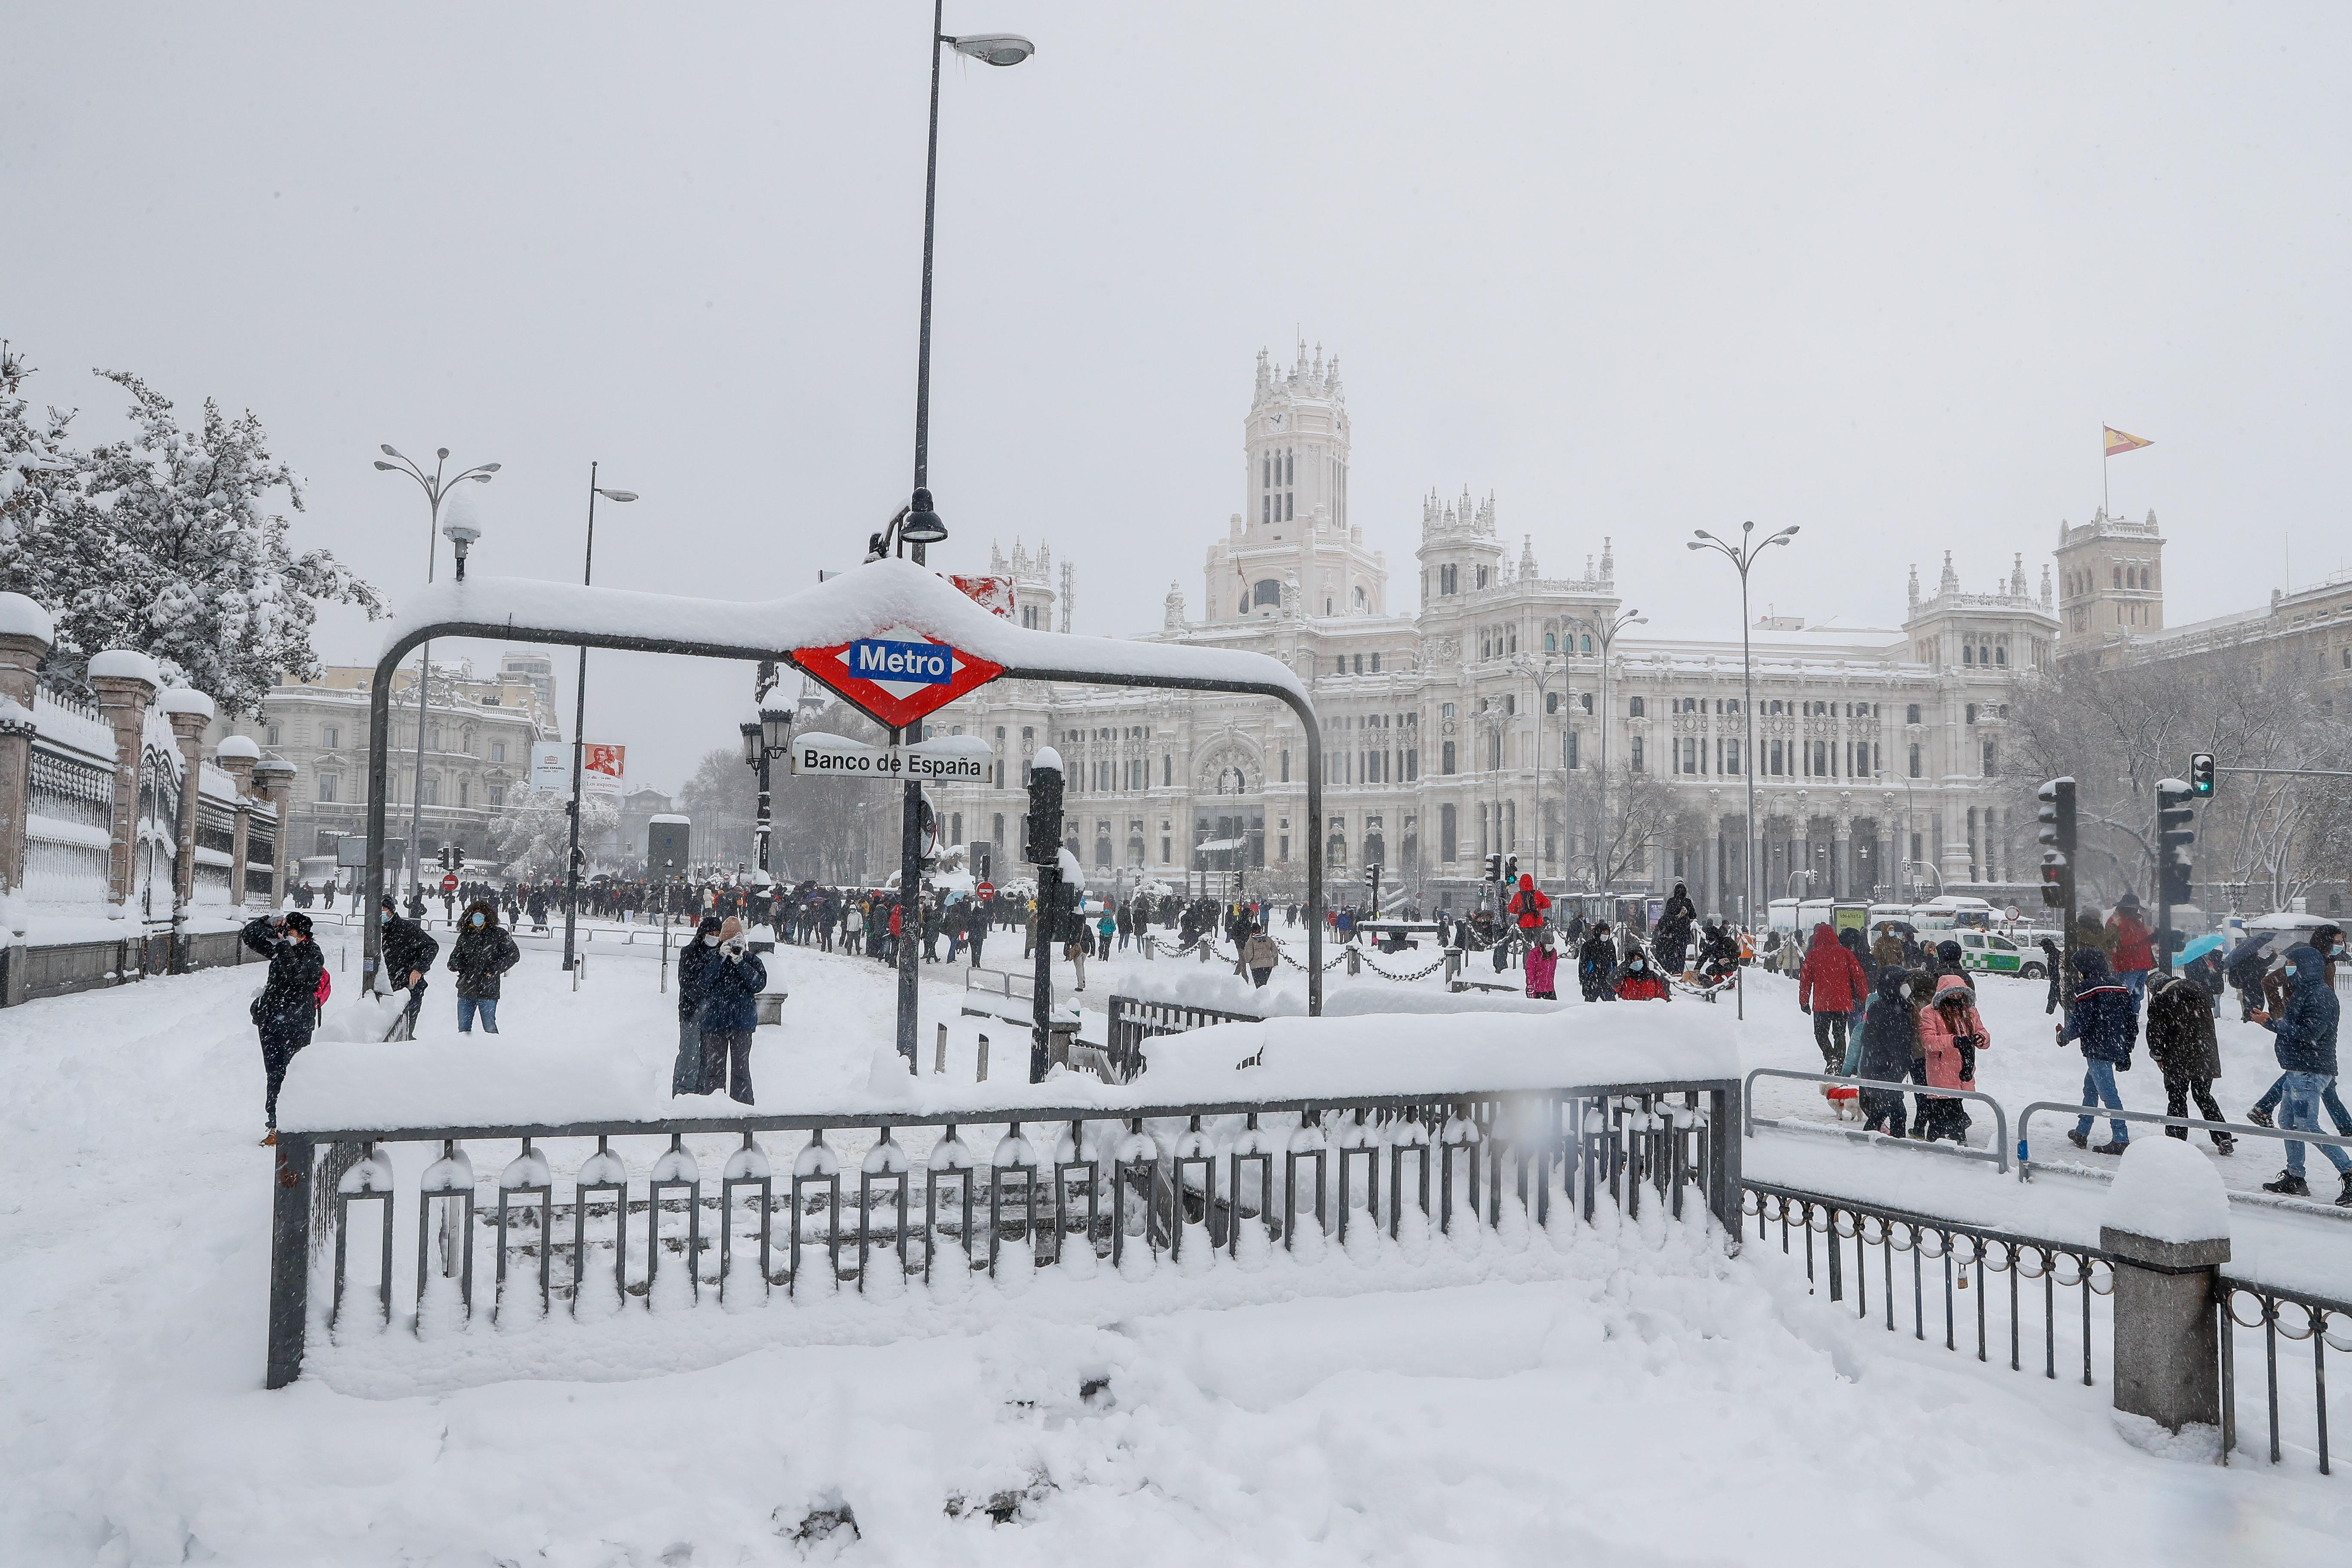 La entrada a la estación de Metro Banco de España, cubierta de nieve